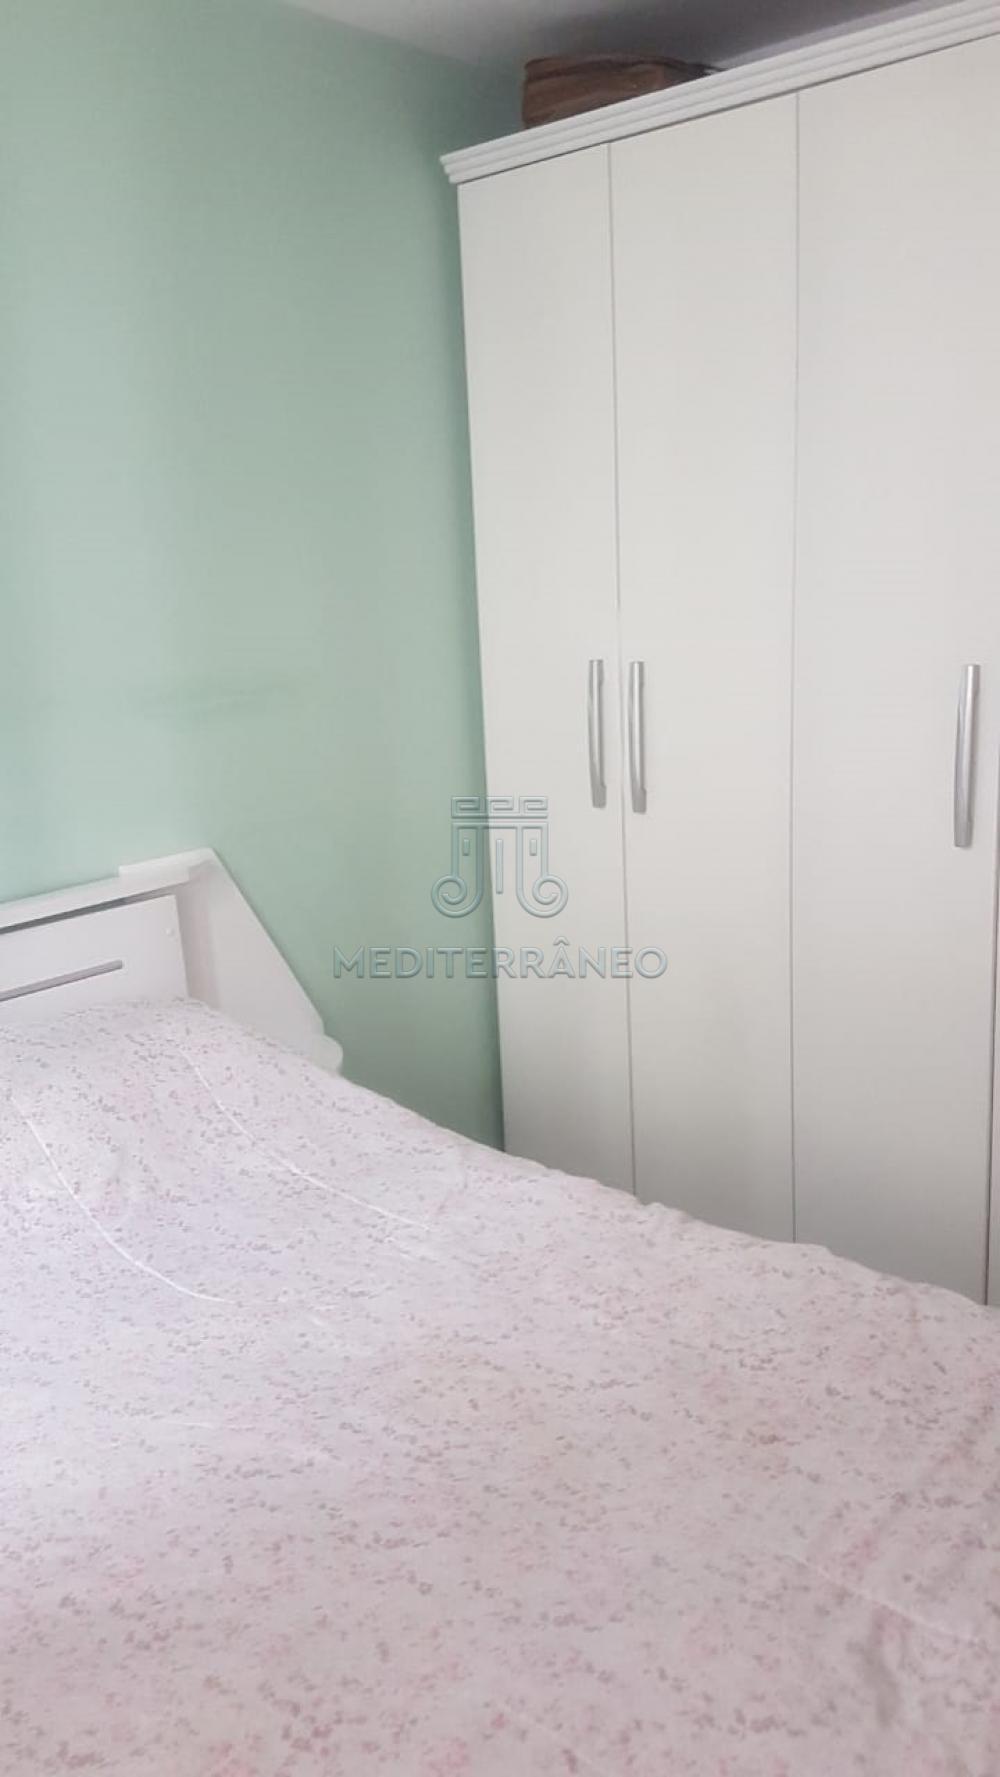 Alugar Apartamento / Padrão em Jundiaí apenas R$ 1.100,00 - Foto 5